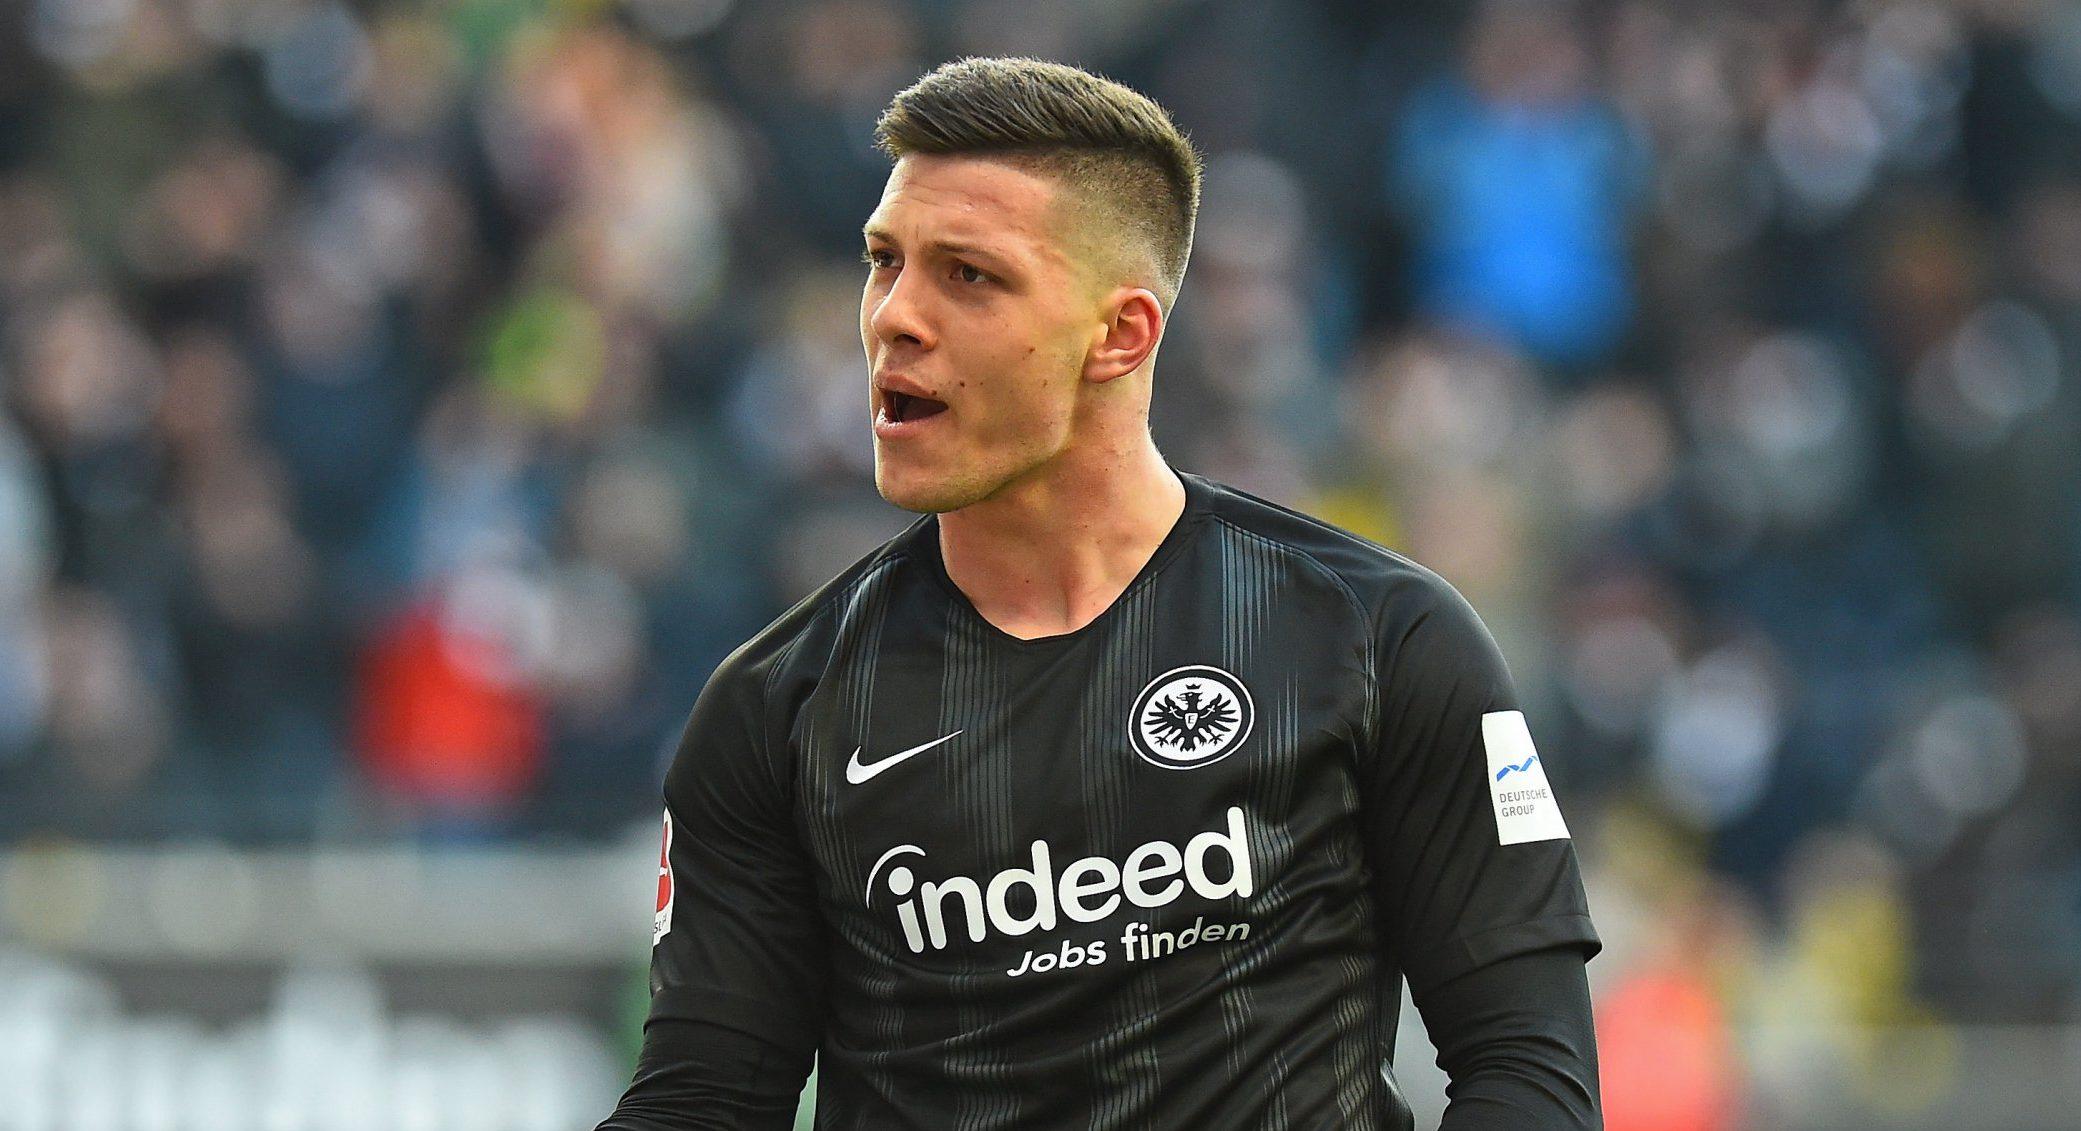 Mandatory Credit: Photo by Action Press/REX (10068883ag) Luka Jovic (Frankfurt) Eintracht v SC Freiburg, Bundesliga, Frankfurt, Germany - 19 Jan 2019